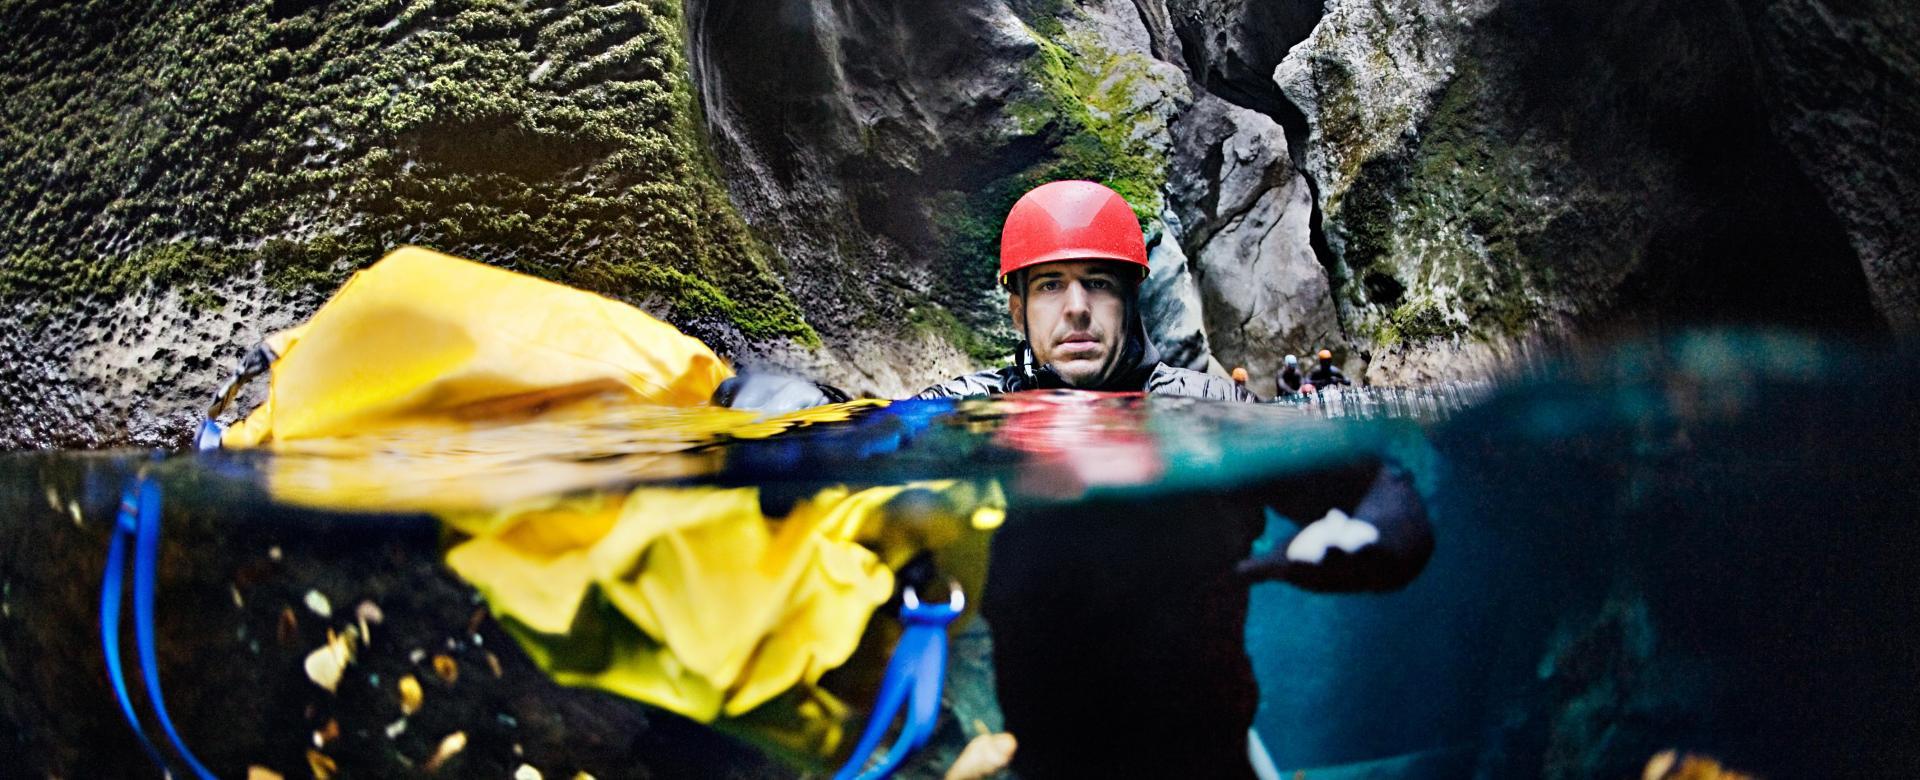 Voyage sur l'eau : Les canyons de la roya en famille